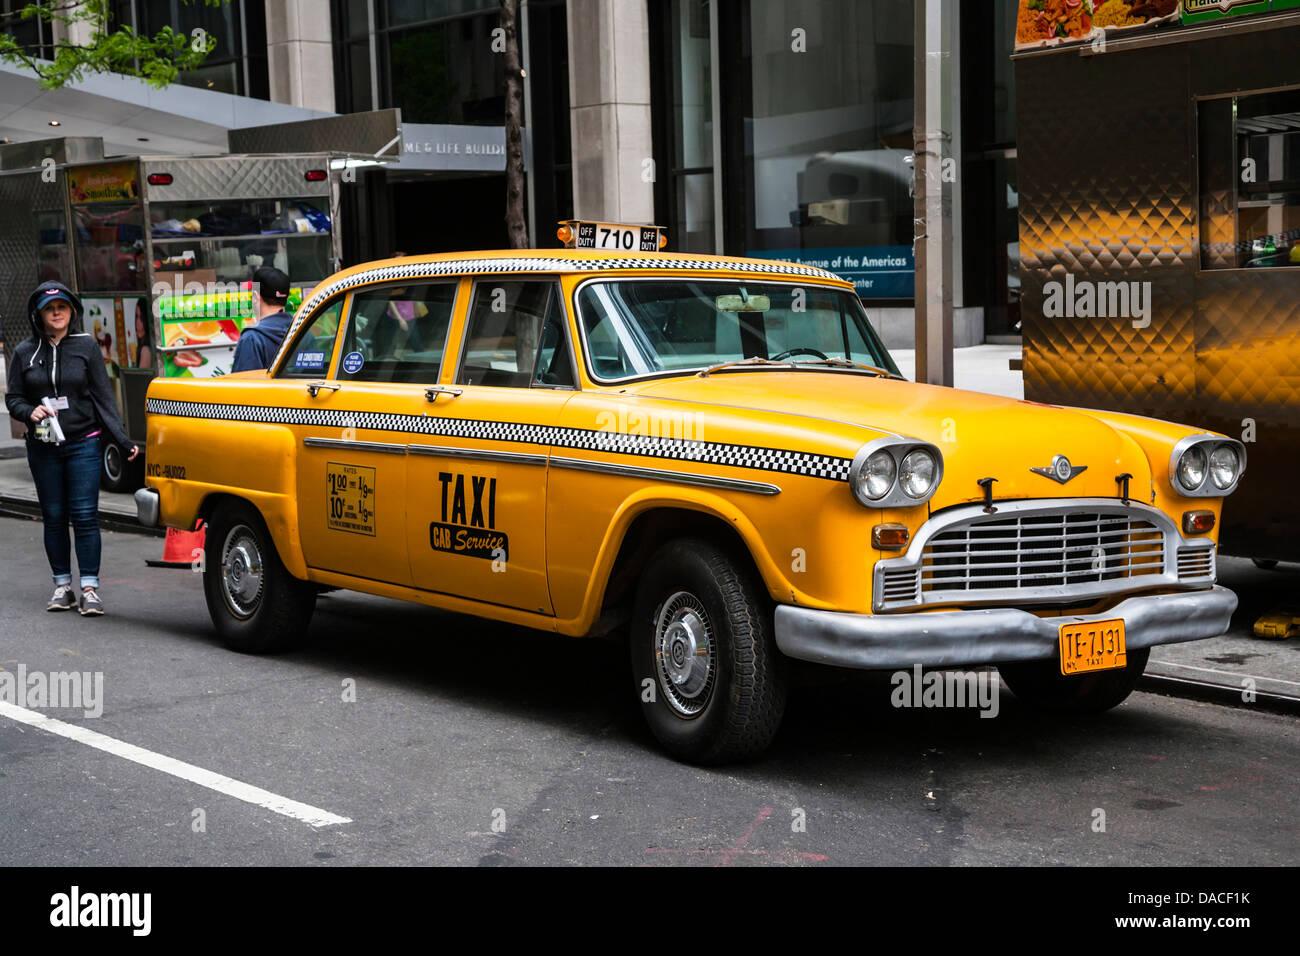 Vintage yellow New York taxi, NYC, USA. - Stock Image